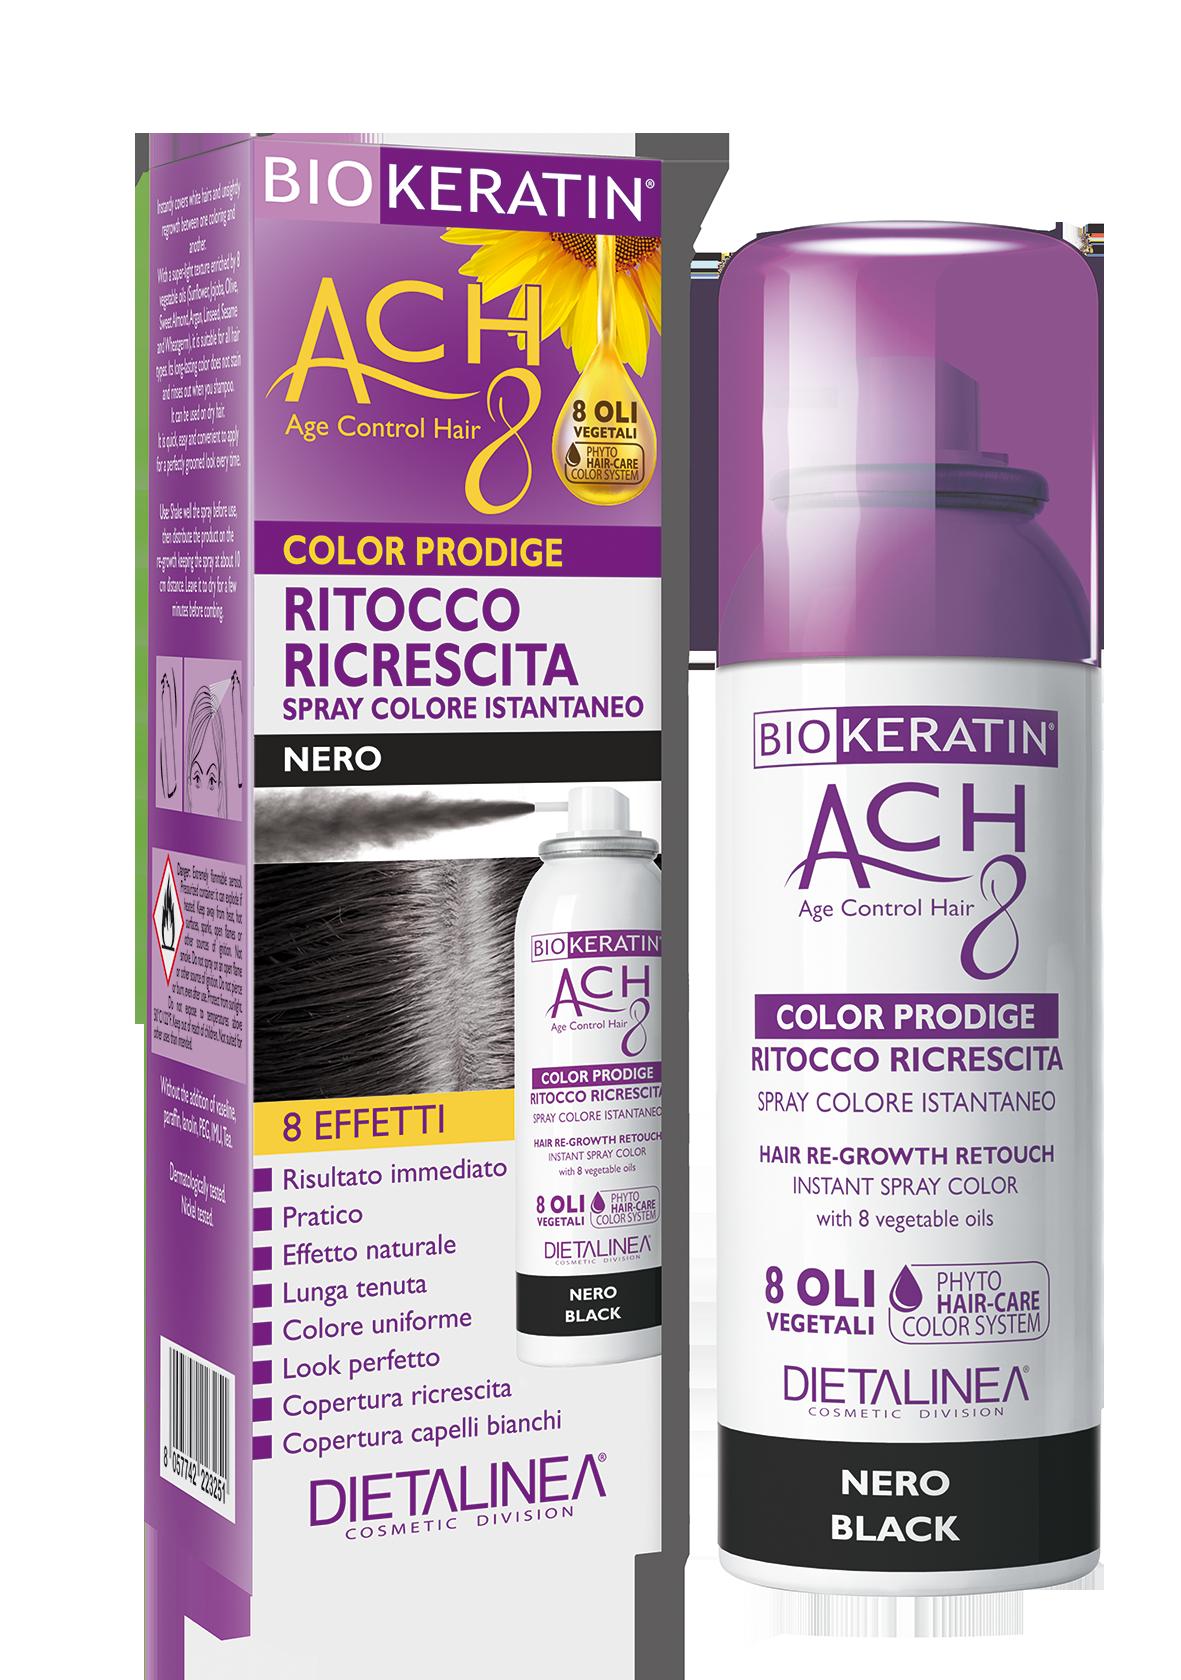 ACH8 Color Prodige Ritocco Ricrescita